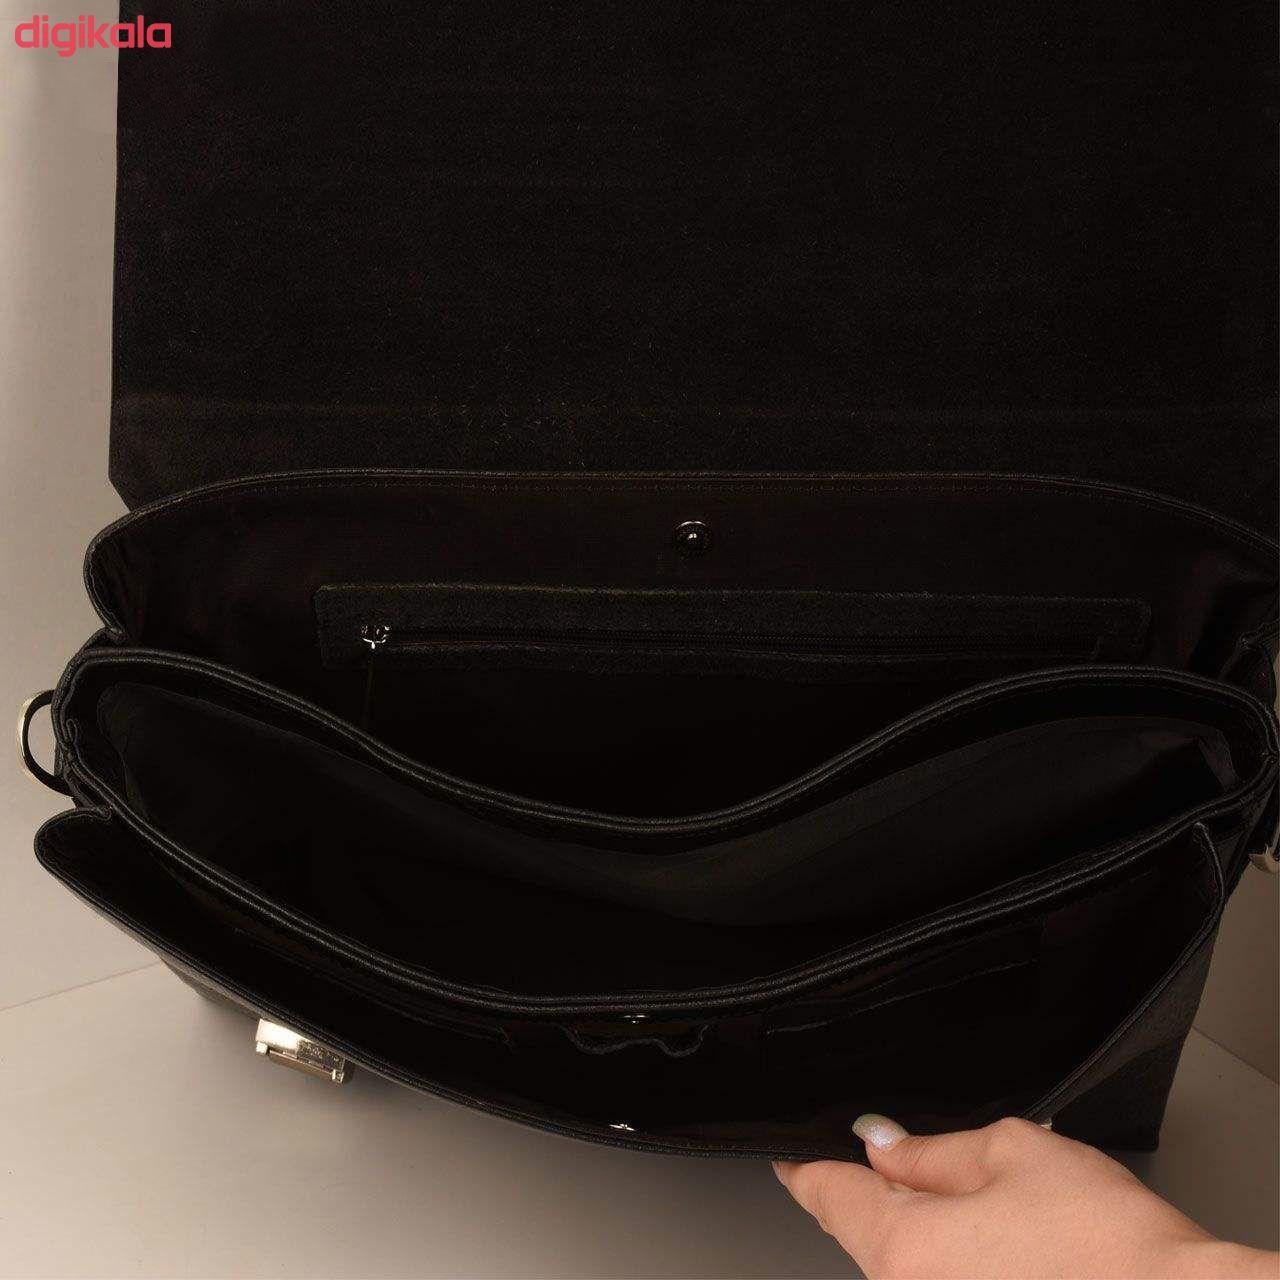 کیف اداری مردانه پارینه چرم مدل L146-1 main 1 38